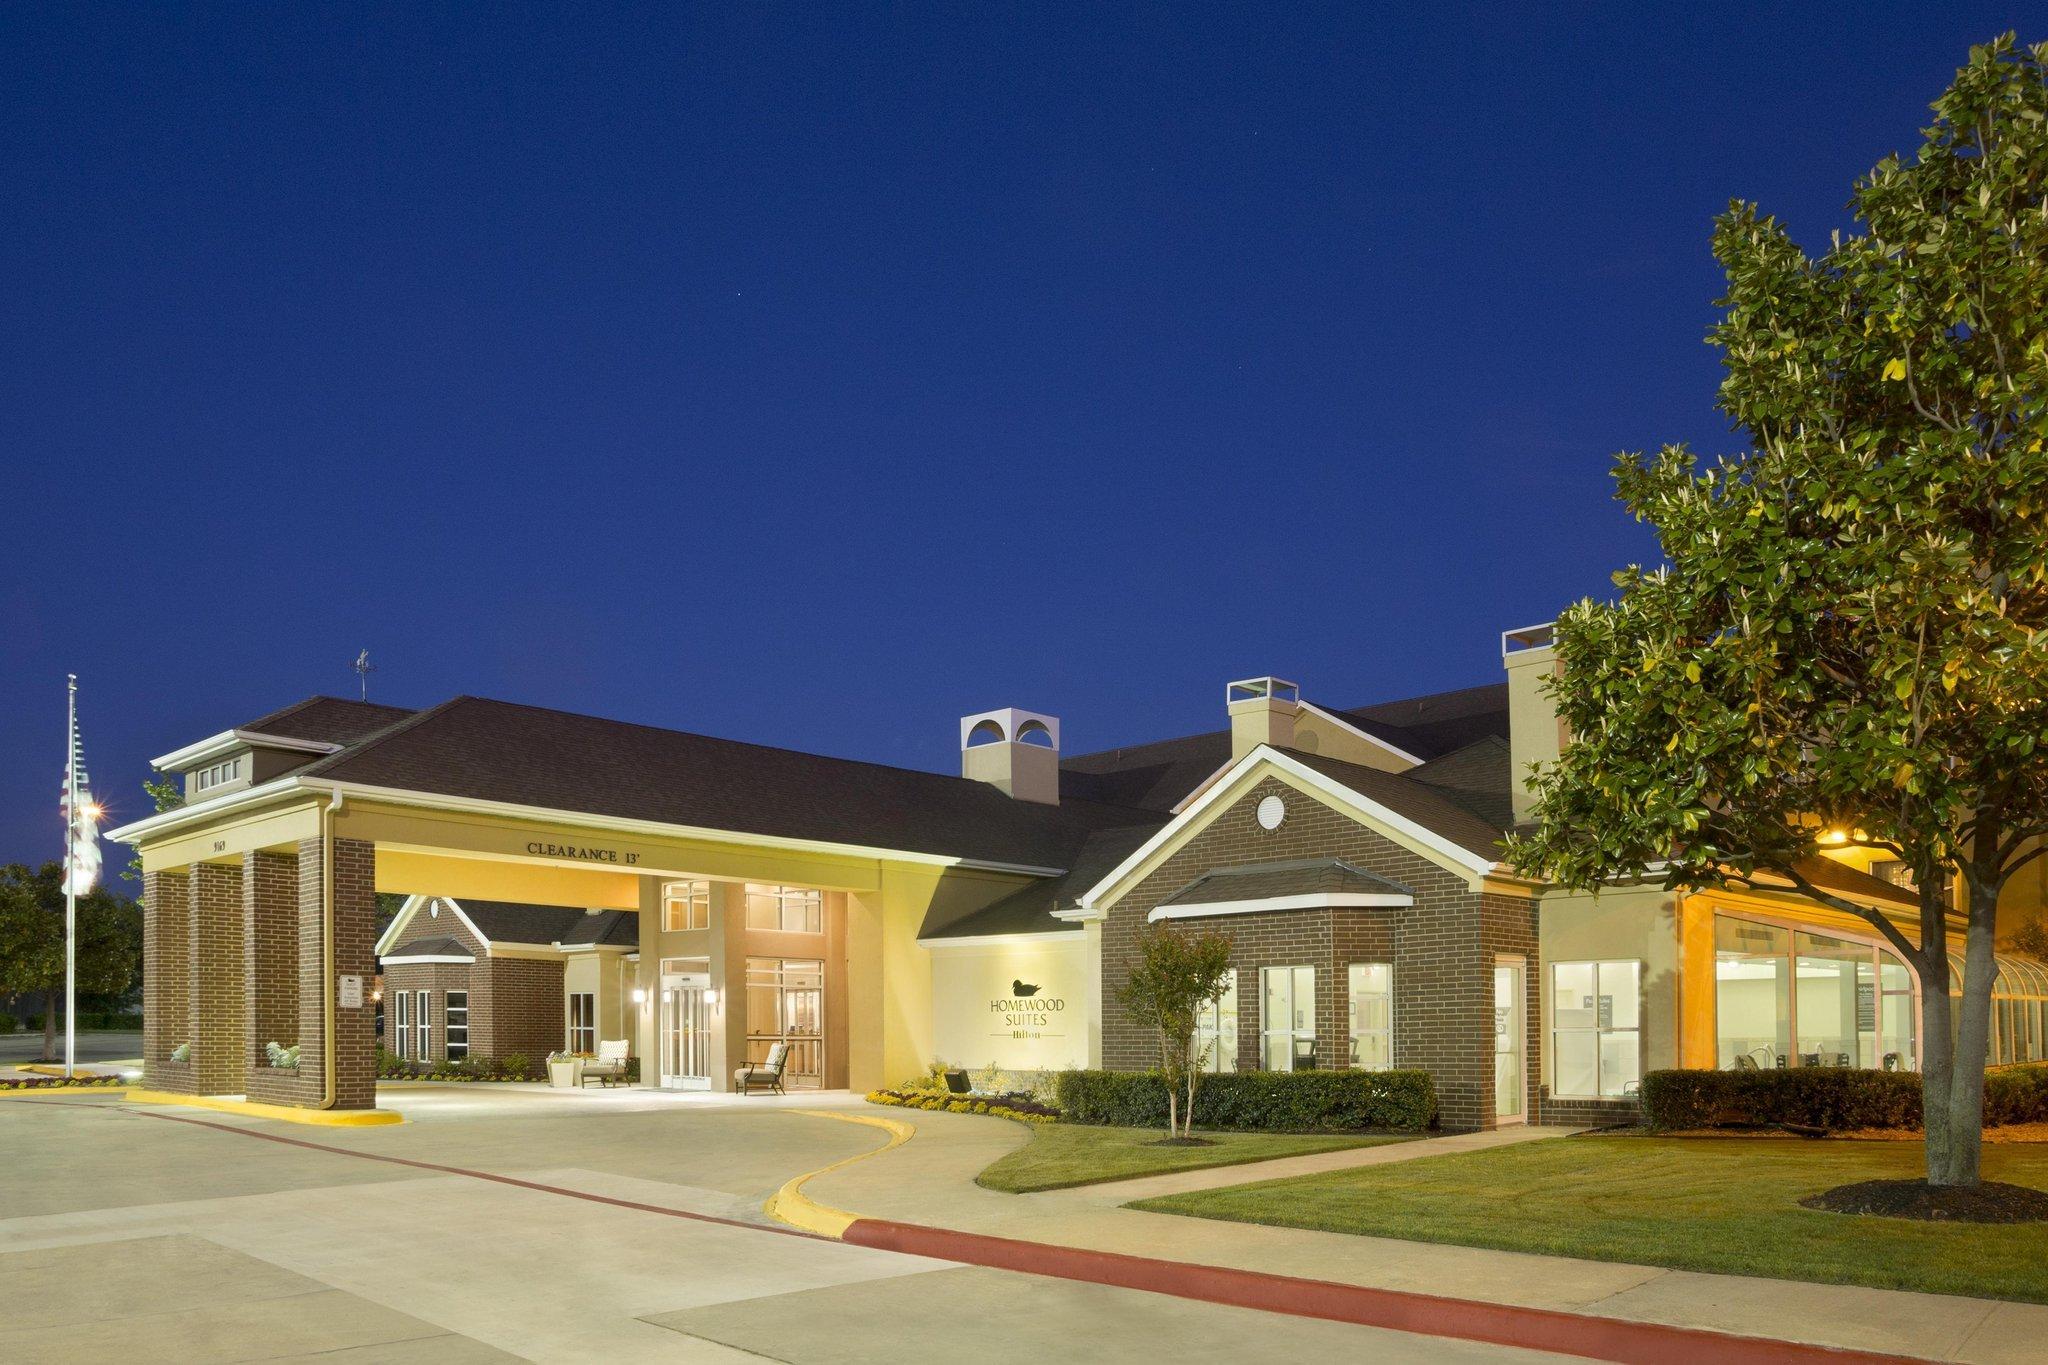 Homewood Suites by Hilton Dallas Park Central